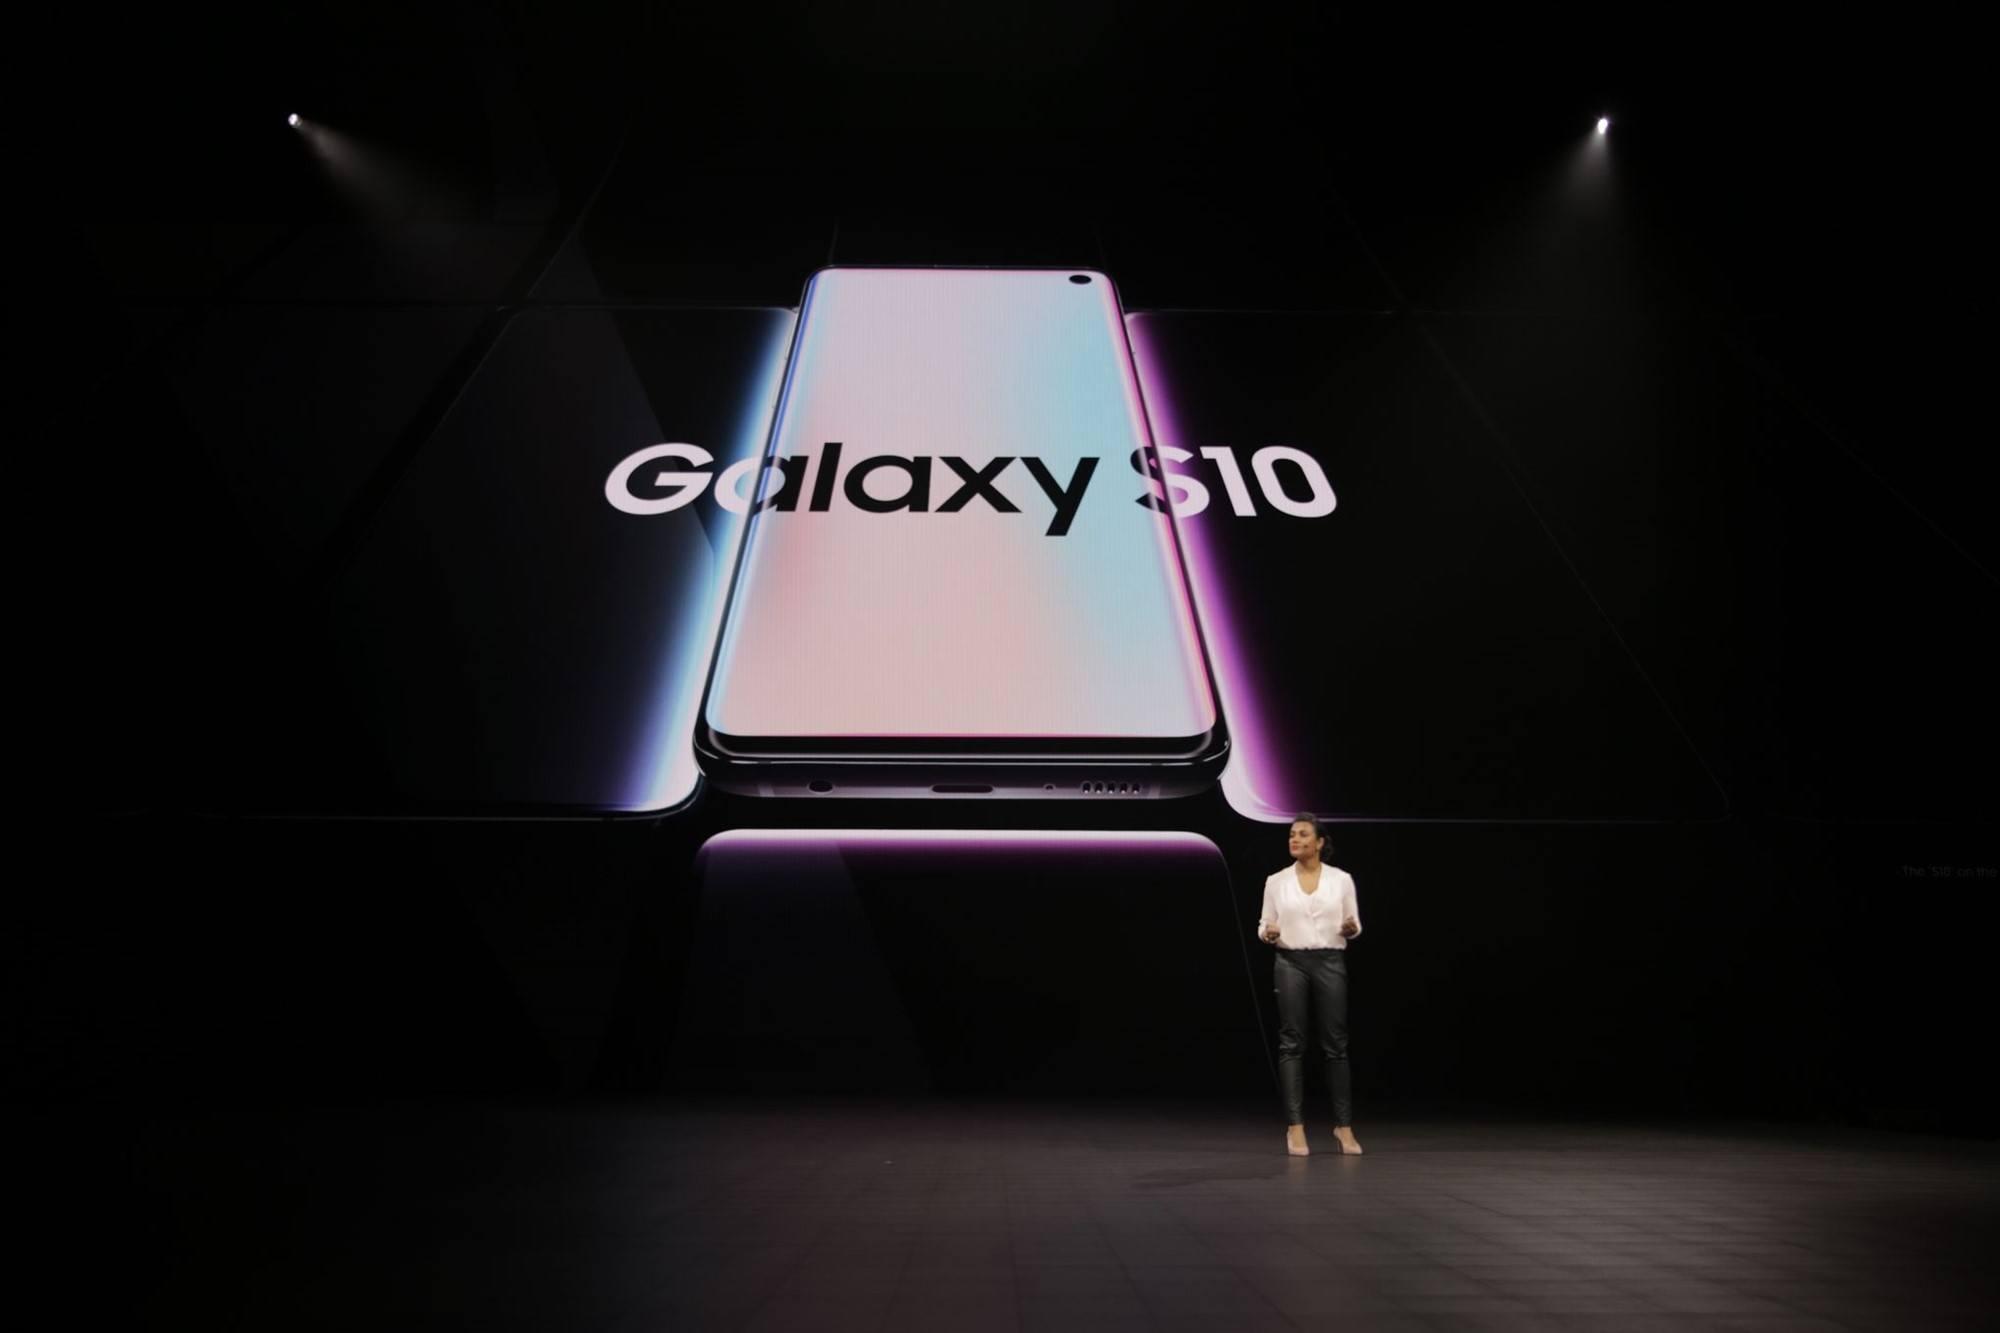 Гнущиеся экраны и ультразвуковые сканеры: чем удивляла презентация Samsung Galaxy S10 от 20 февраля 2019 года